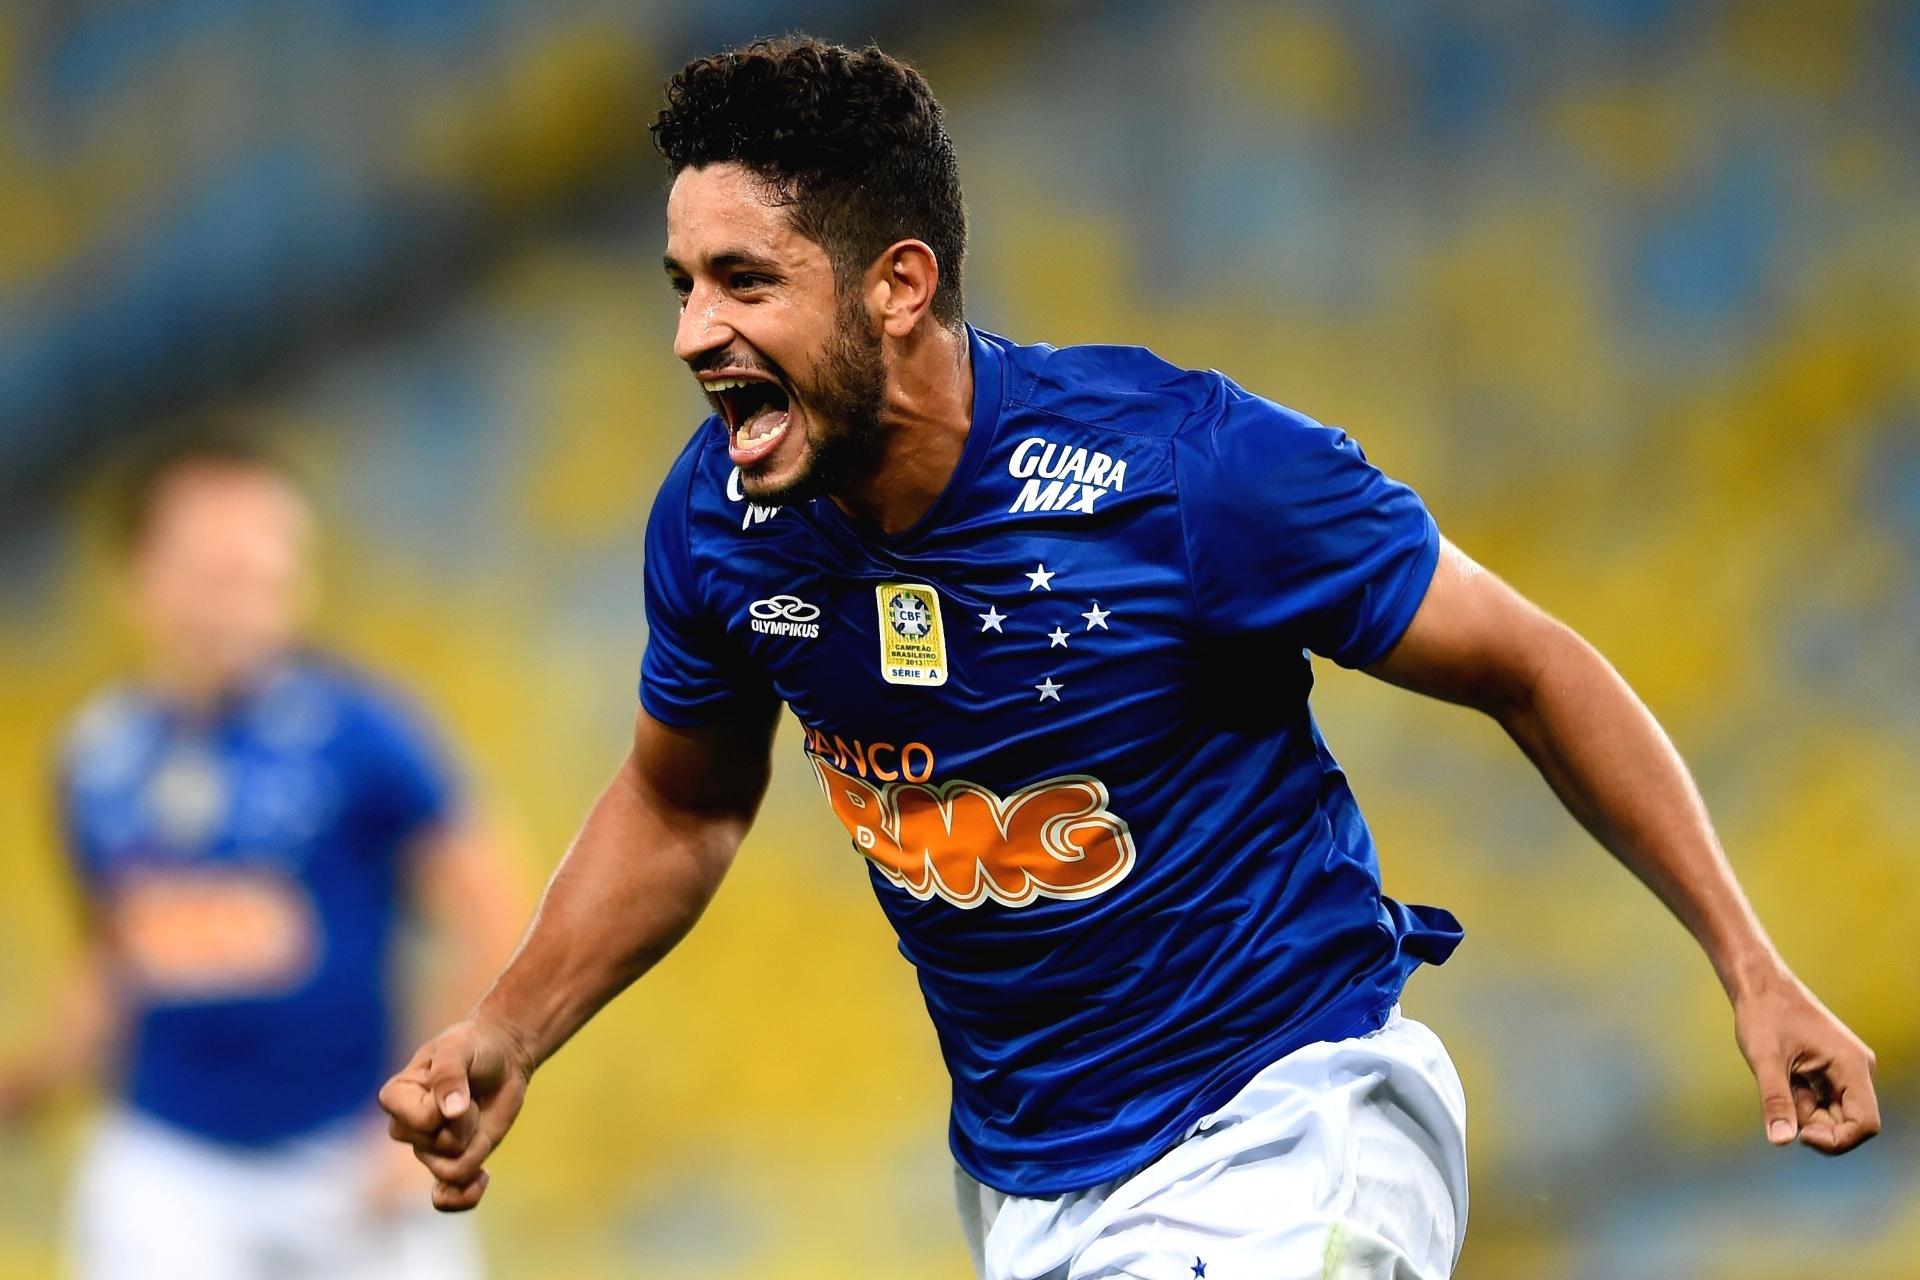 02.ago.2014 - Léo comemora após empatar para o Cruzeiro contra o Botafogo pelo Brasileirão